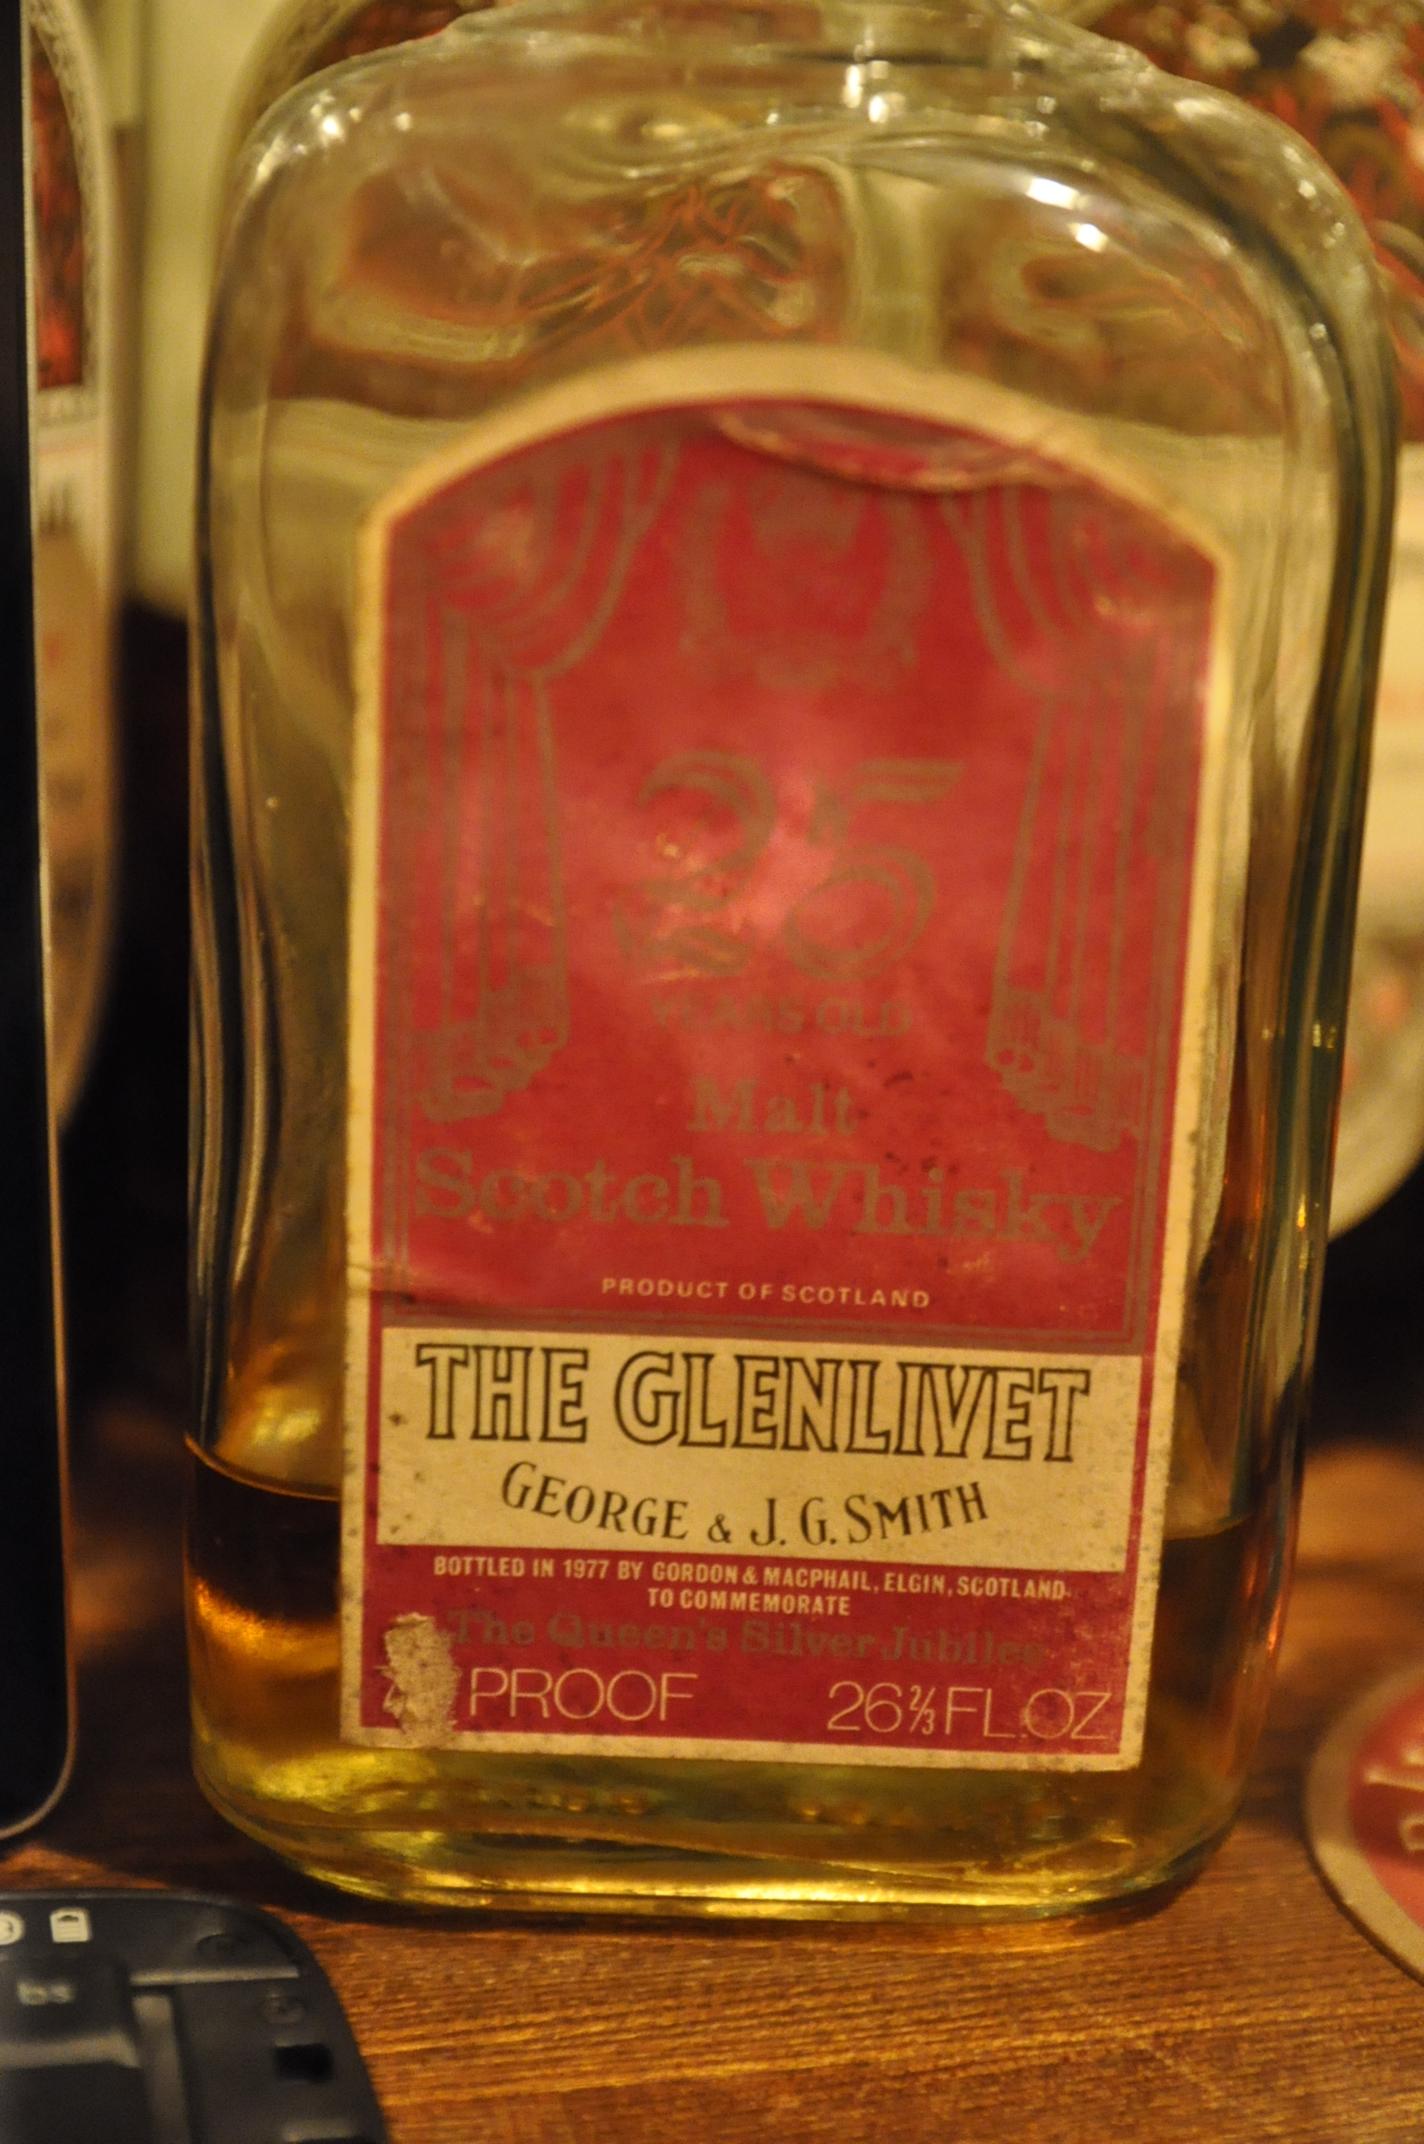 """グレンリベット The Glenlivet 25yo 1952/1977 """" The Queen's Silver Jubilee"""" (70Proof, G&M Licensed, George Smith, 26 2/3FL.OZ)"""